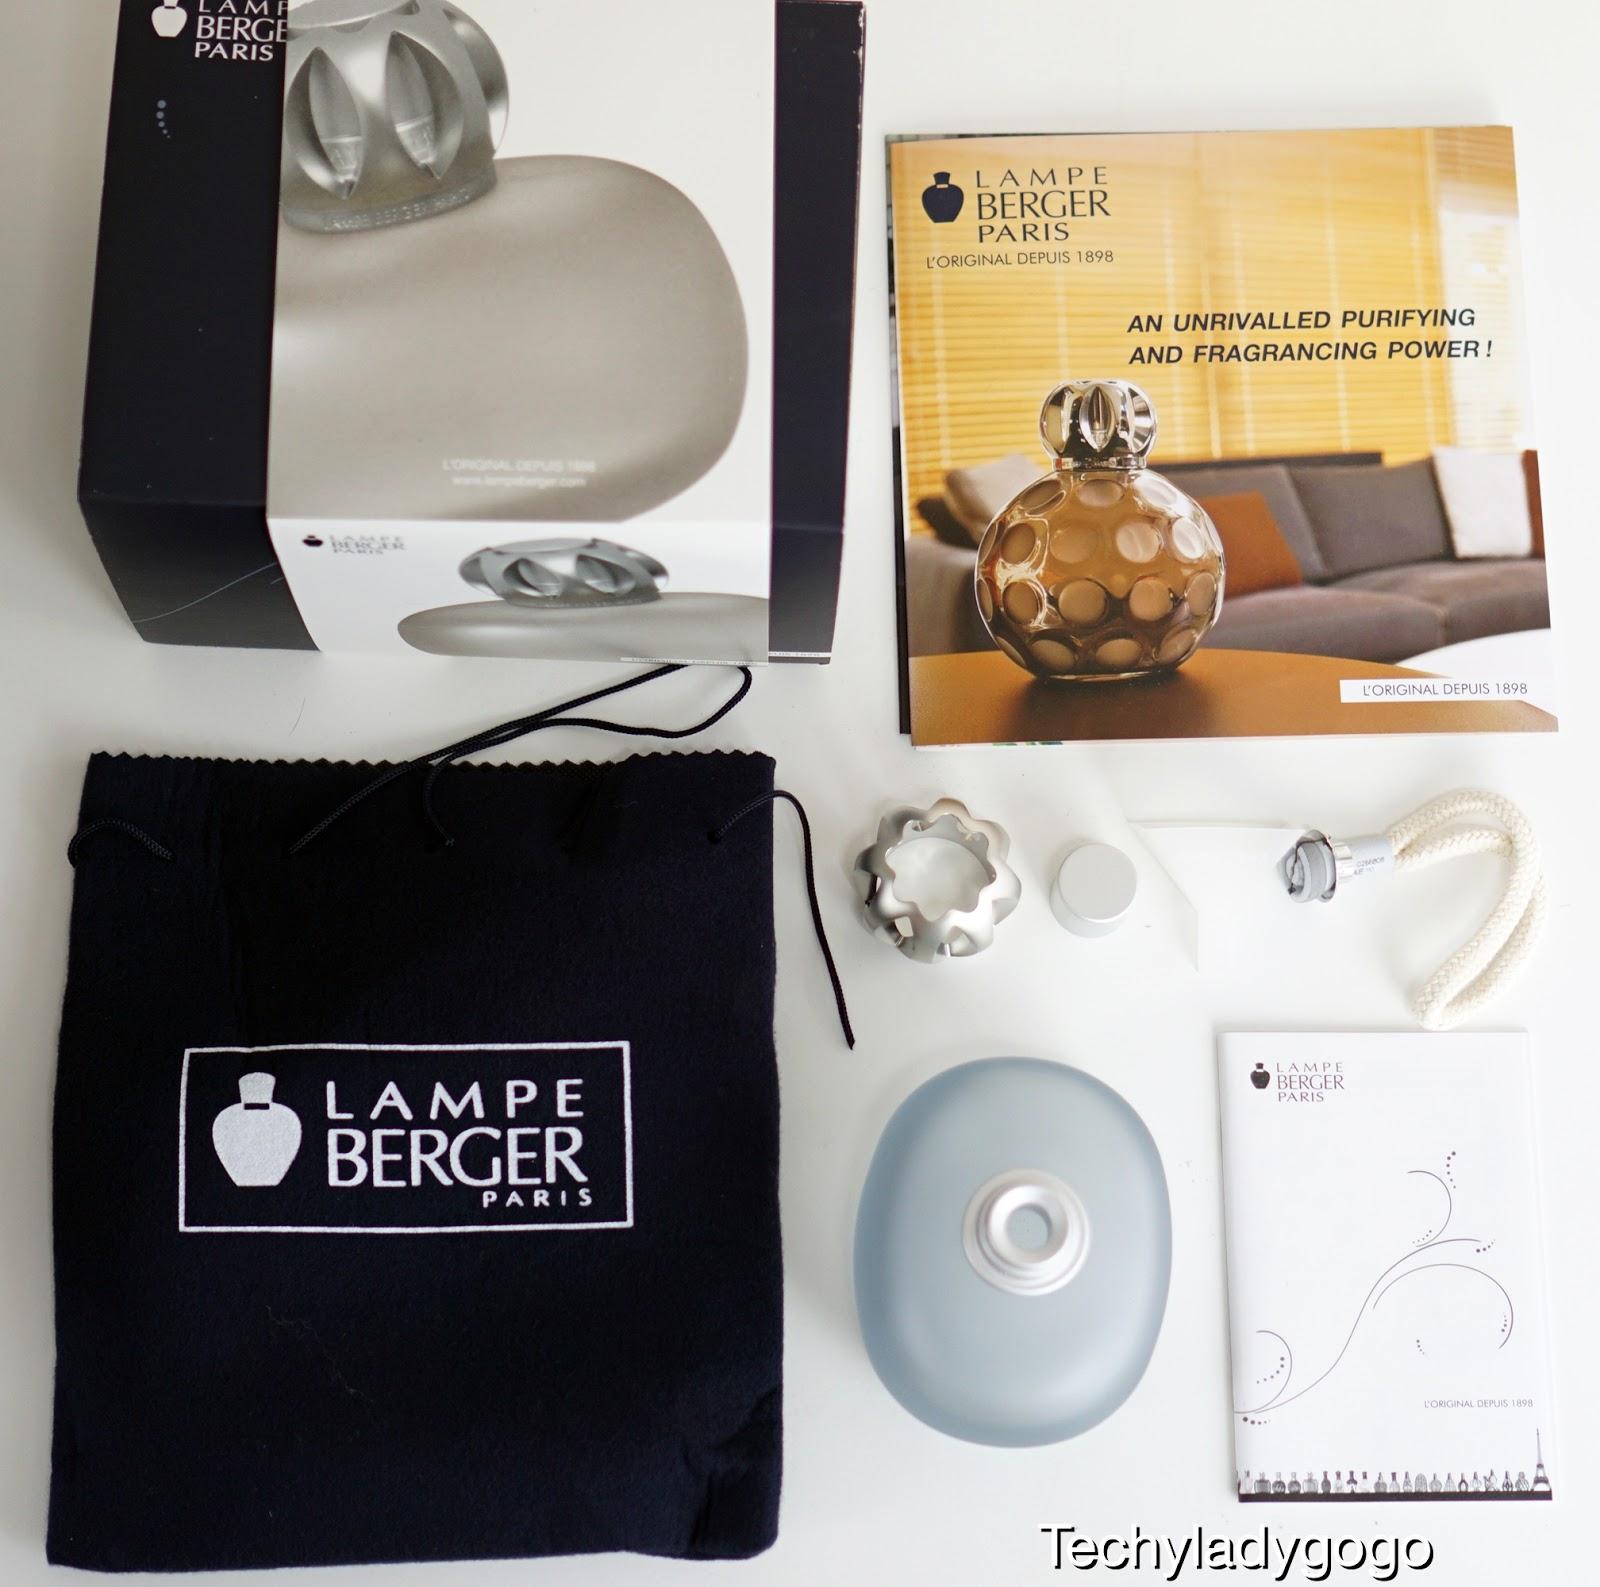 ตะเกียงน้ำหอม ฟอกอากาศ LAMPE BERGER PARIS GLASS LAMP รุ่น SWEET BLEUE เป็นตะเกียงแก้วขุ่น สีเทาอมฟ้าค่ะ มีฝาเหมือนมงกุฎ